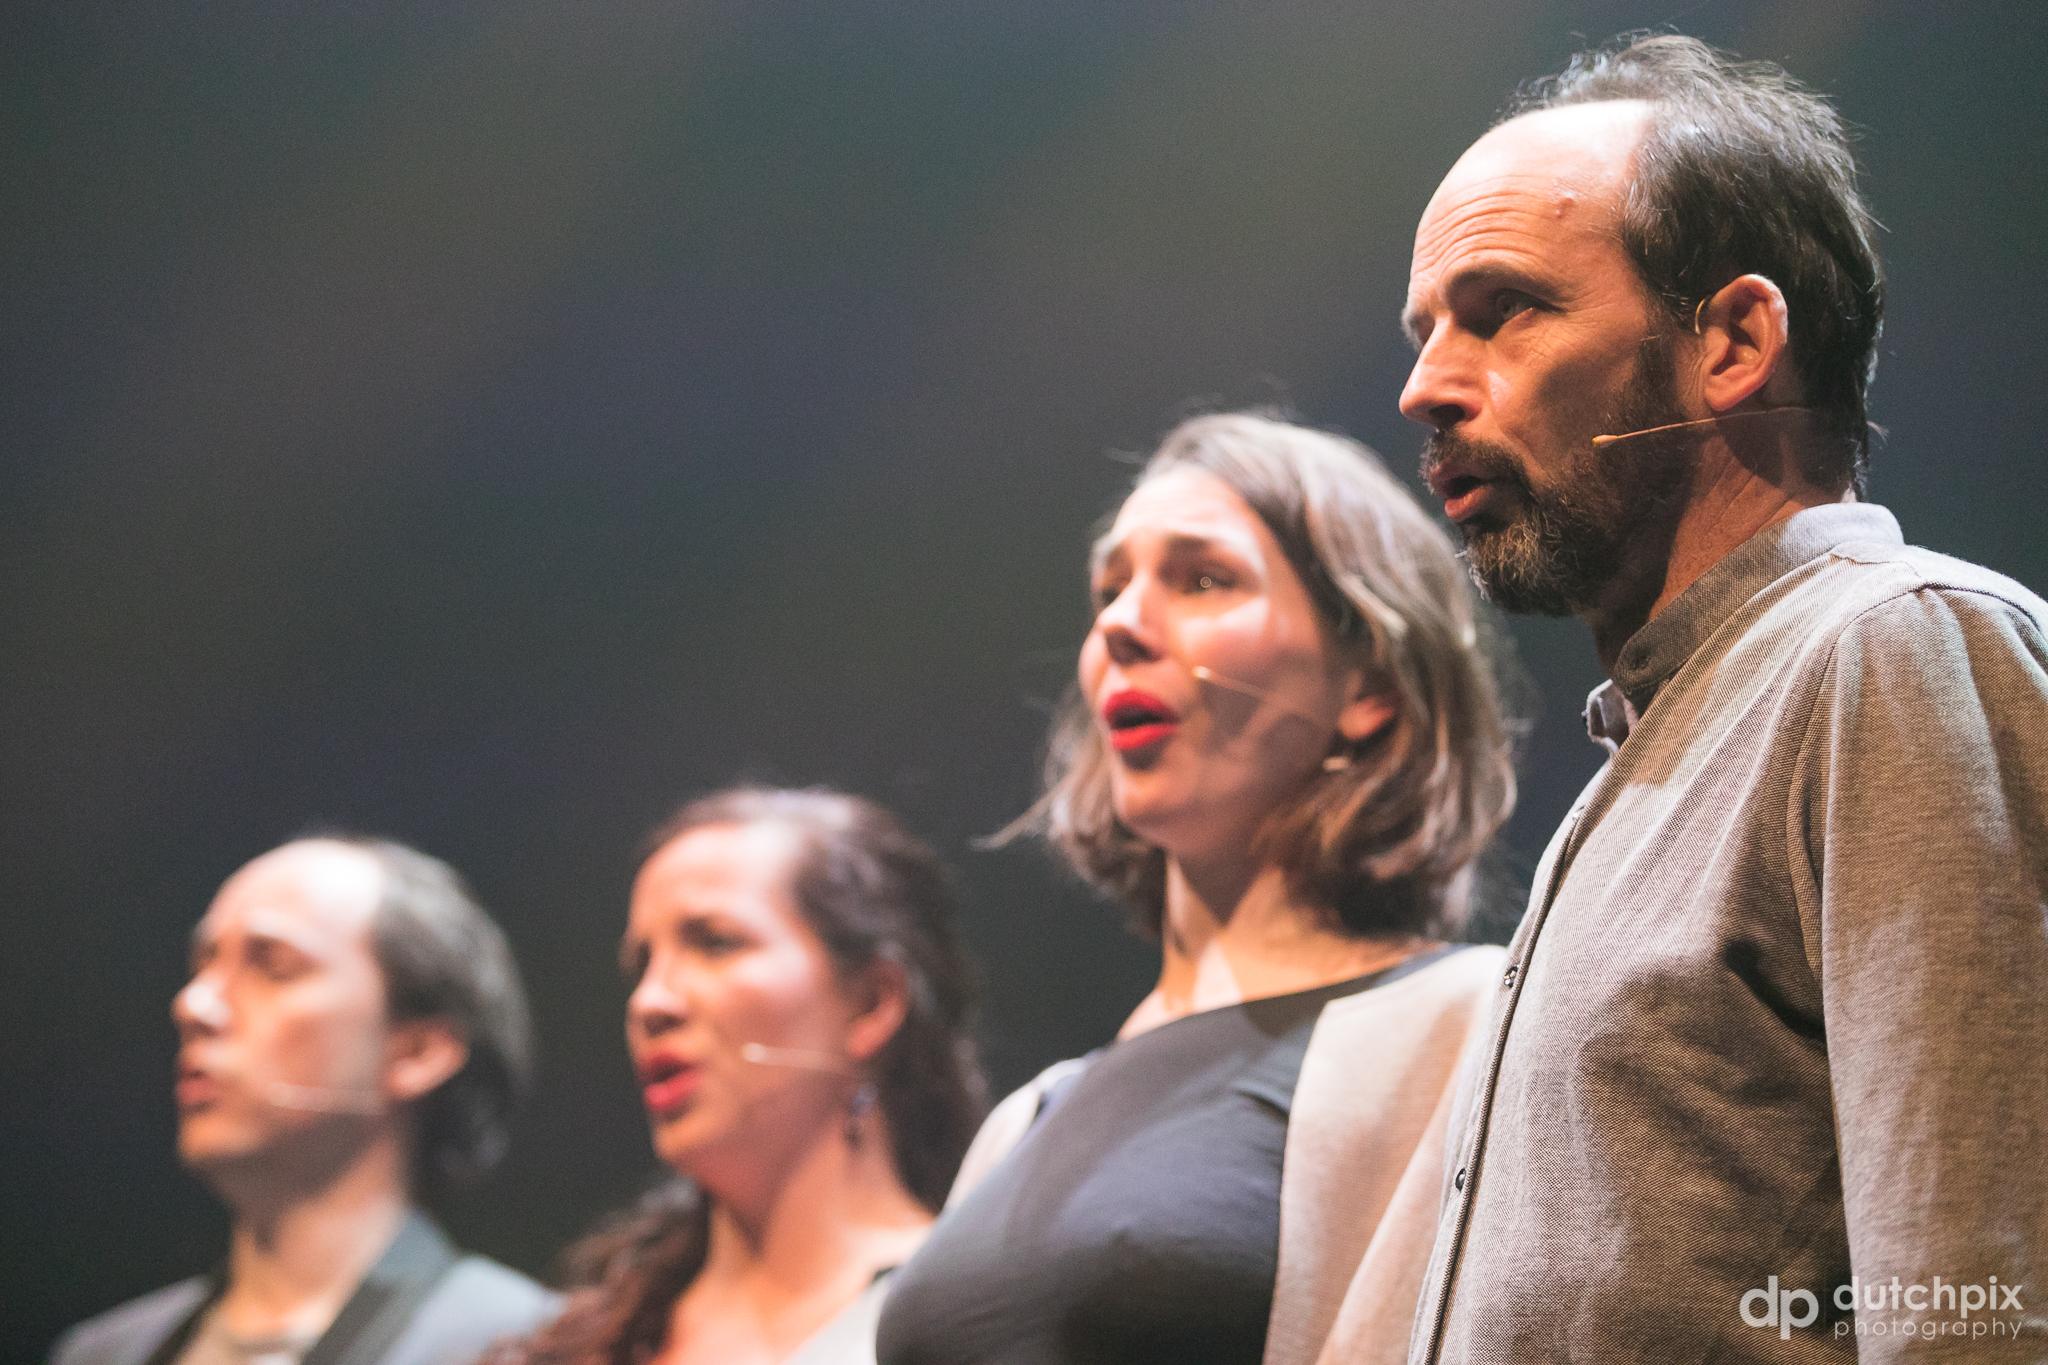 Stephan Adriaens (tenor), Jeannette van Schaik (soprano), Merlijn Runia (alto), Marc Pantus (bass)